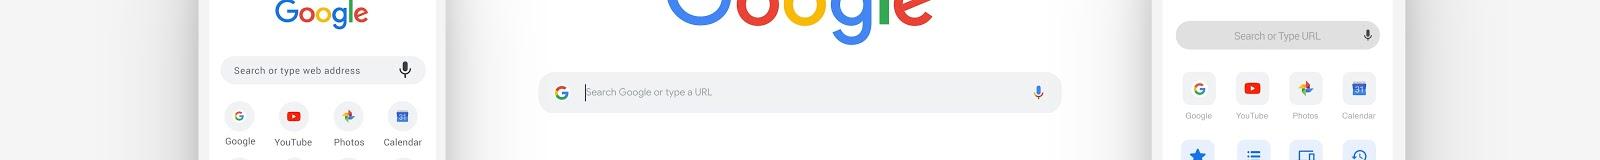 جوجل كروم 72 متاح للتحميل الان